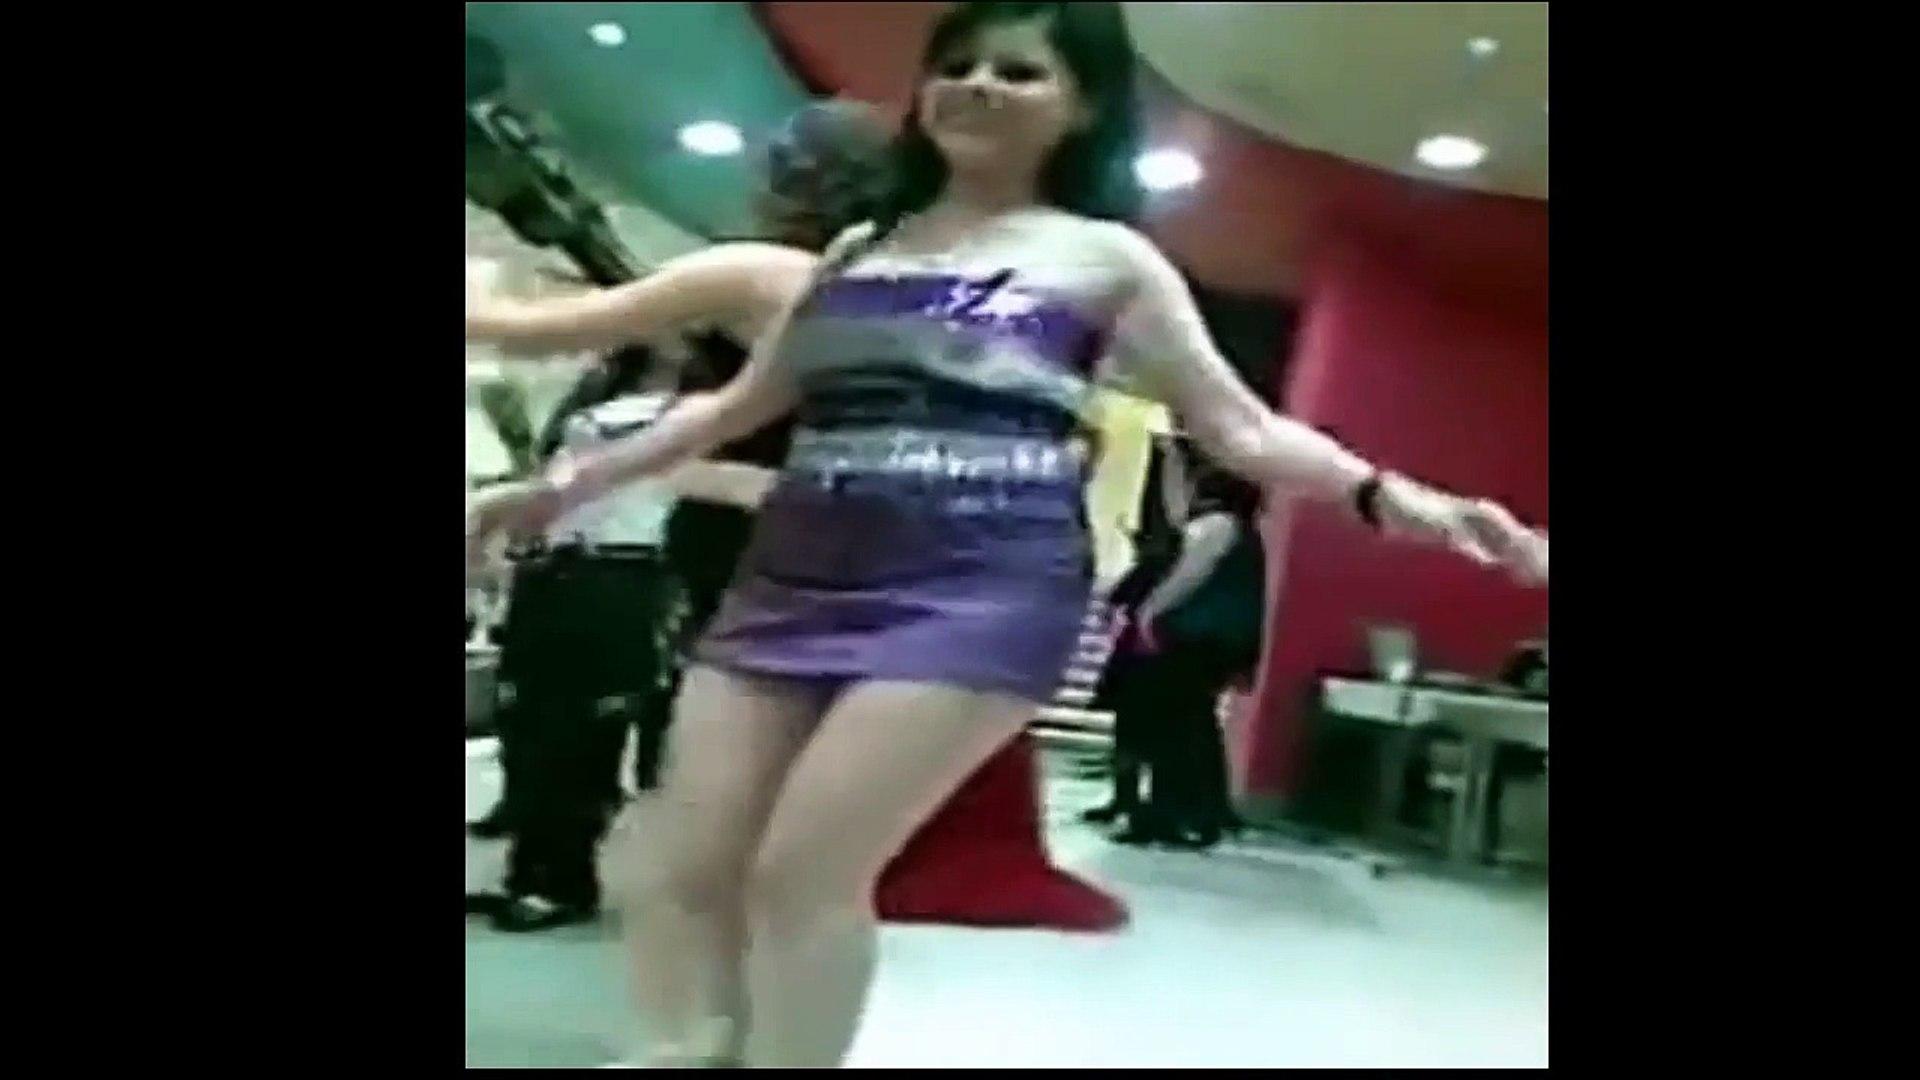 رقص ردح مو طبيعي -رقص دلوعة هيجانة بدون توقف